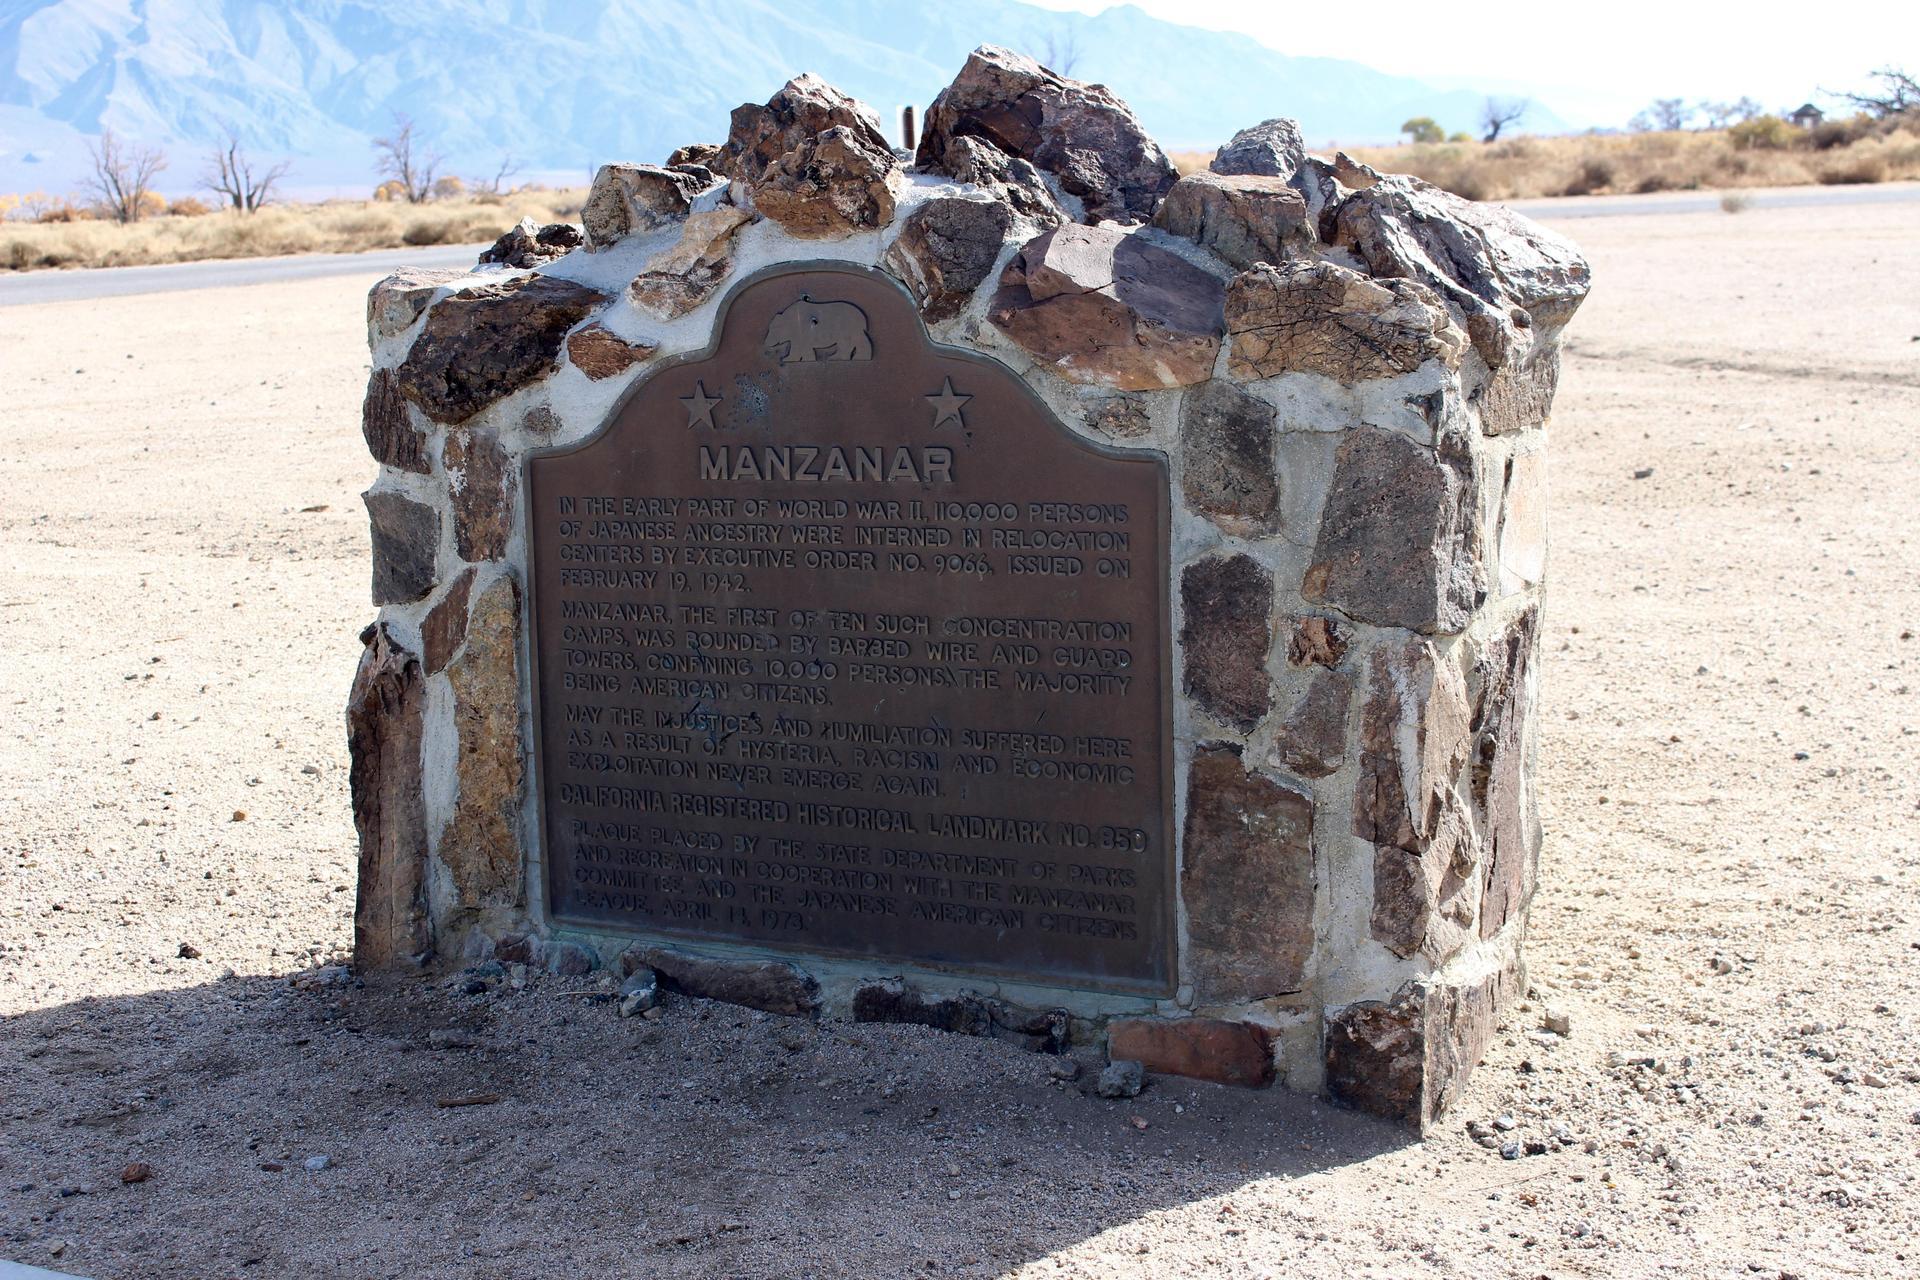 Entrance plaque at Manzanar